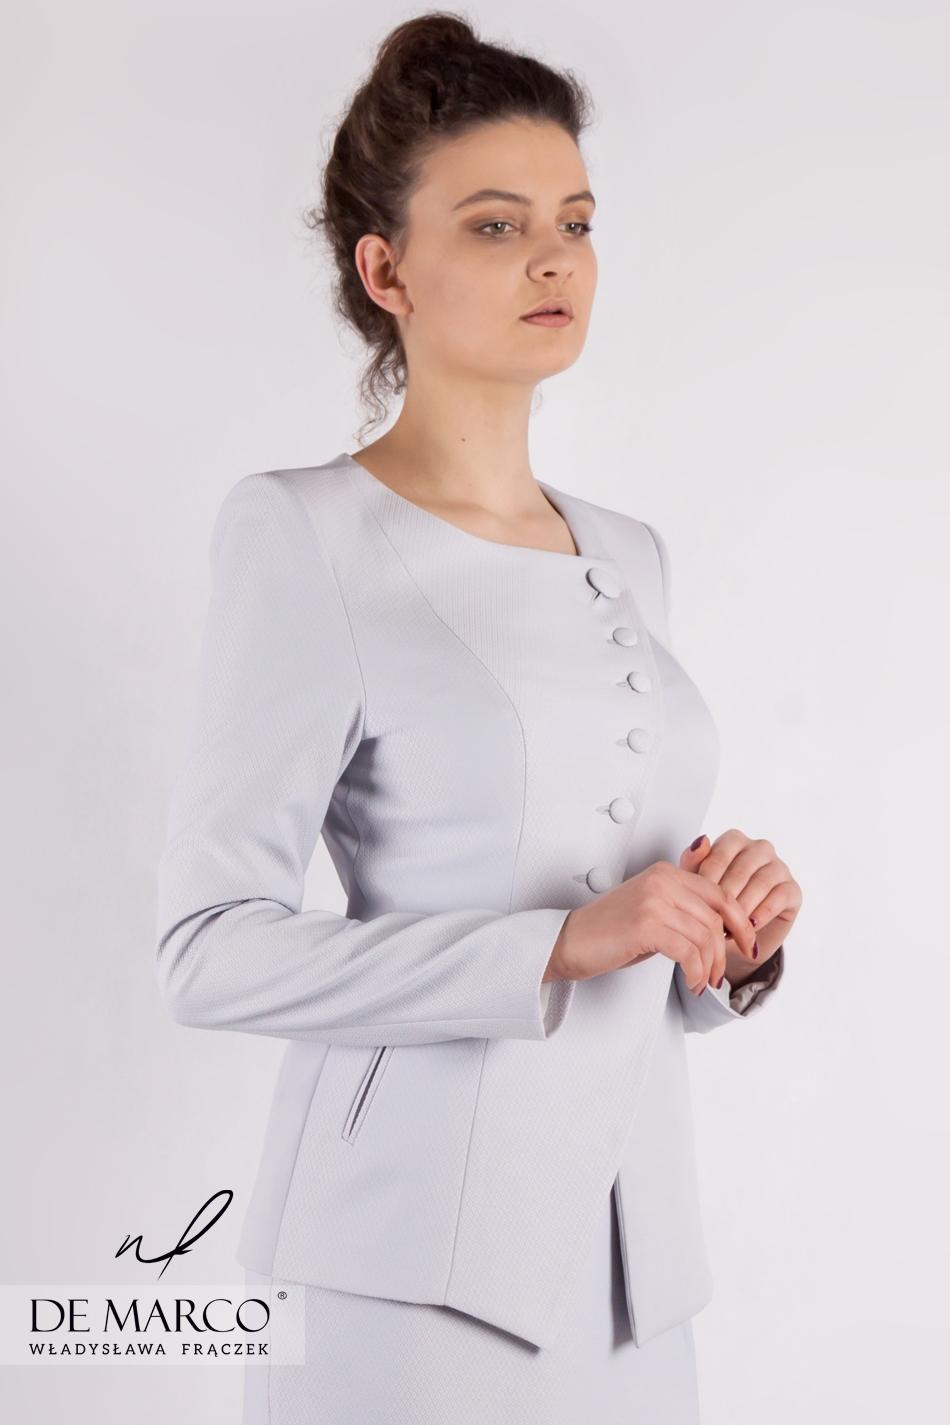 796b966ea0 Zjawiskowy zestaw dla eleganckiej kobiety Petronella · Najpiękniejszy  kostium o oryginalnym fasonie Petronella ...